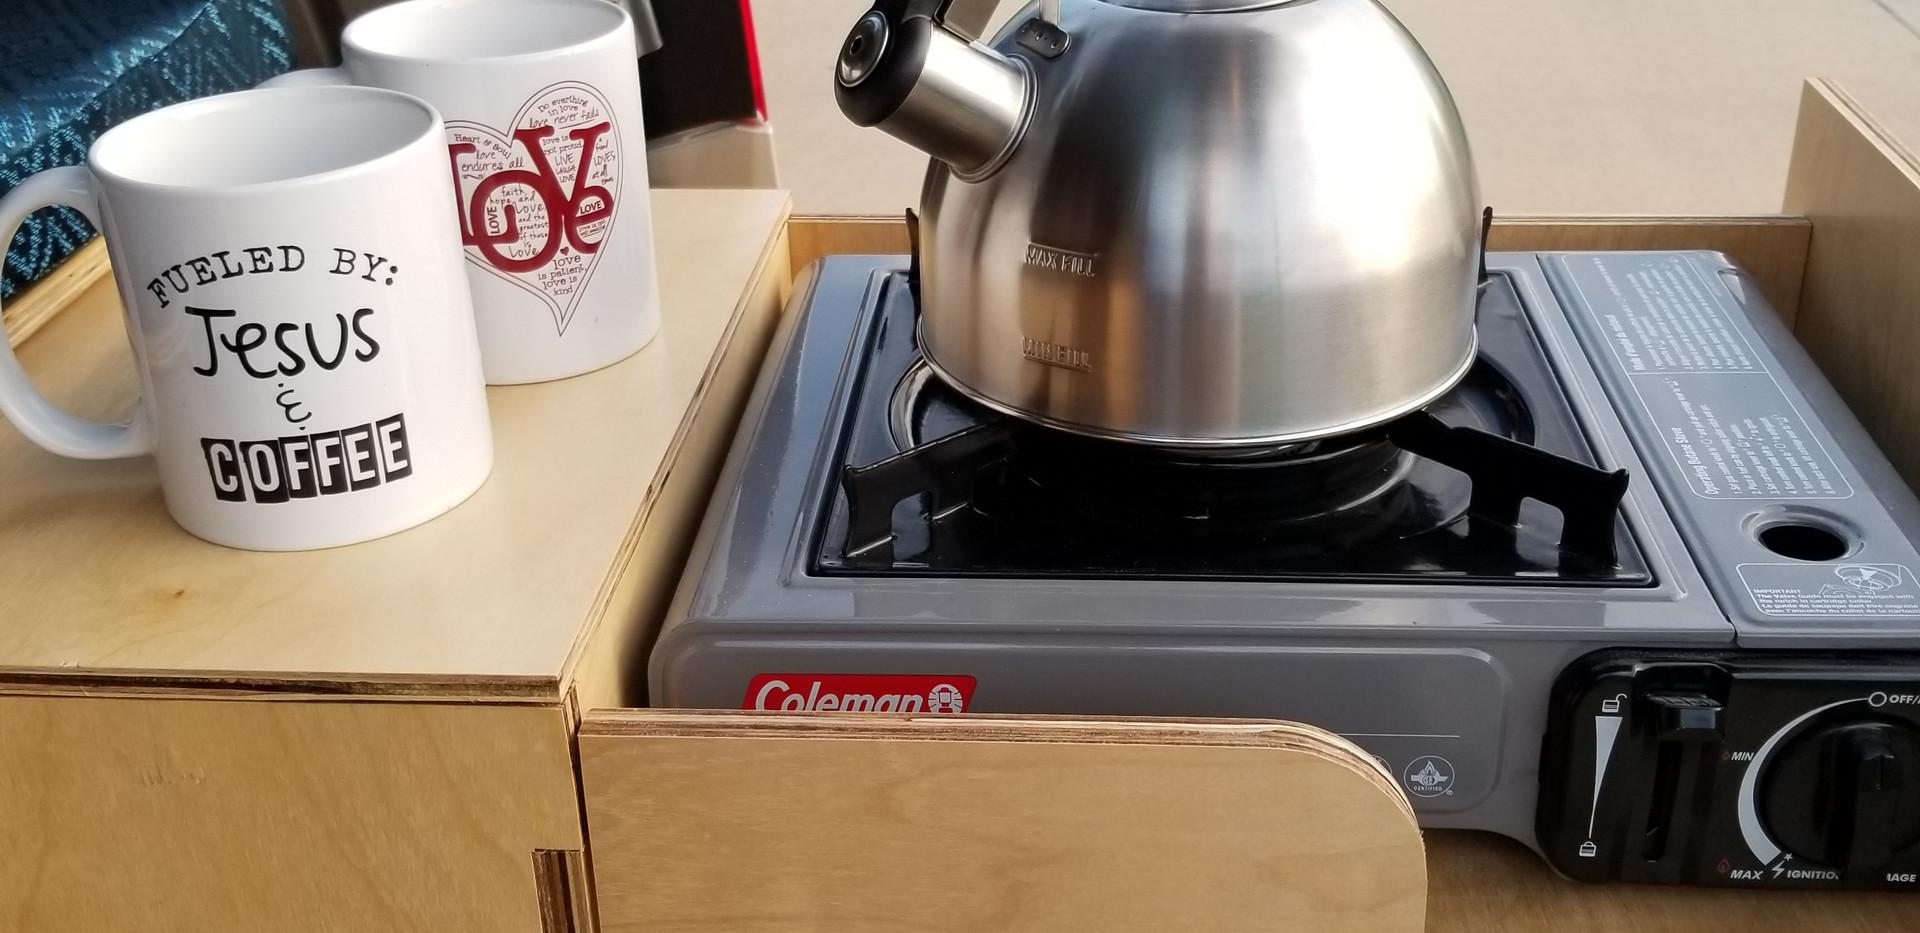 Hot coffee anywhere